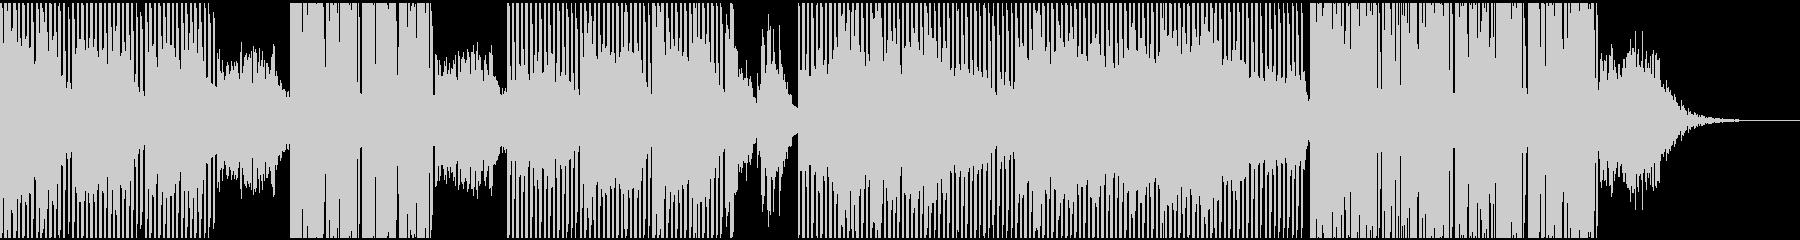 応援歌的なテクノサウンドの未再生の波形